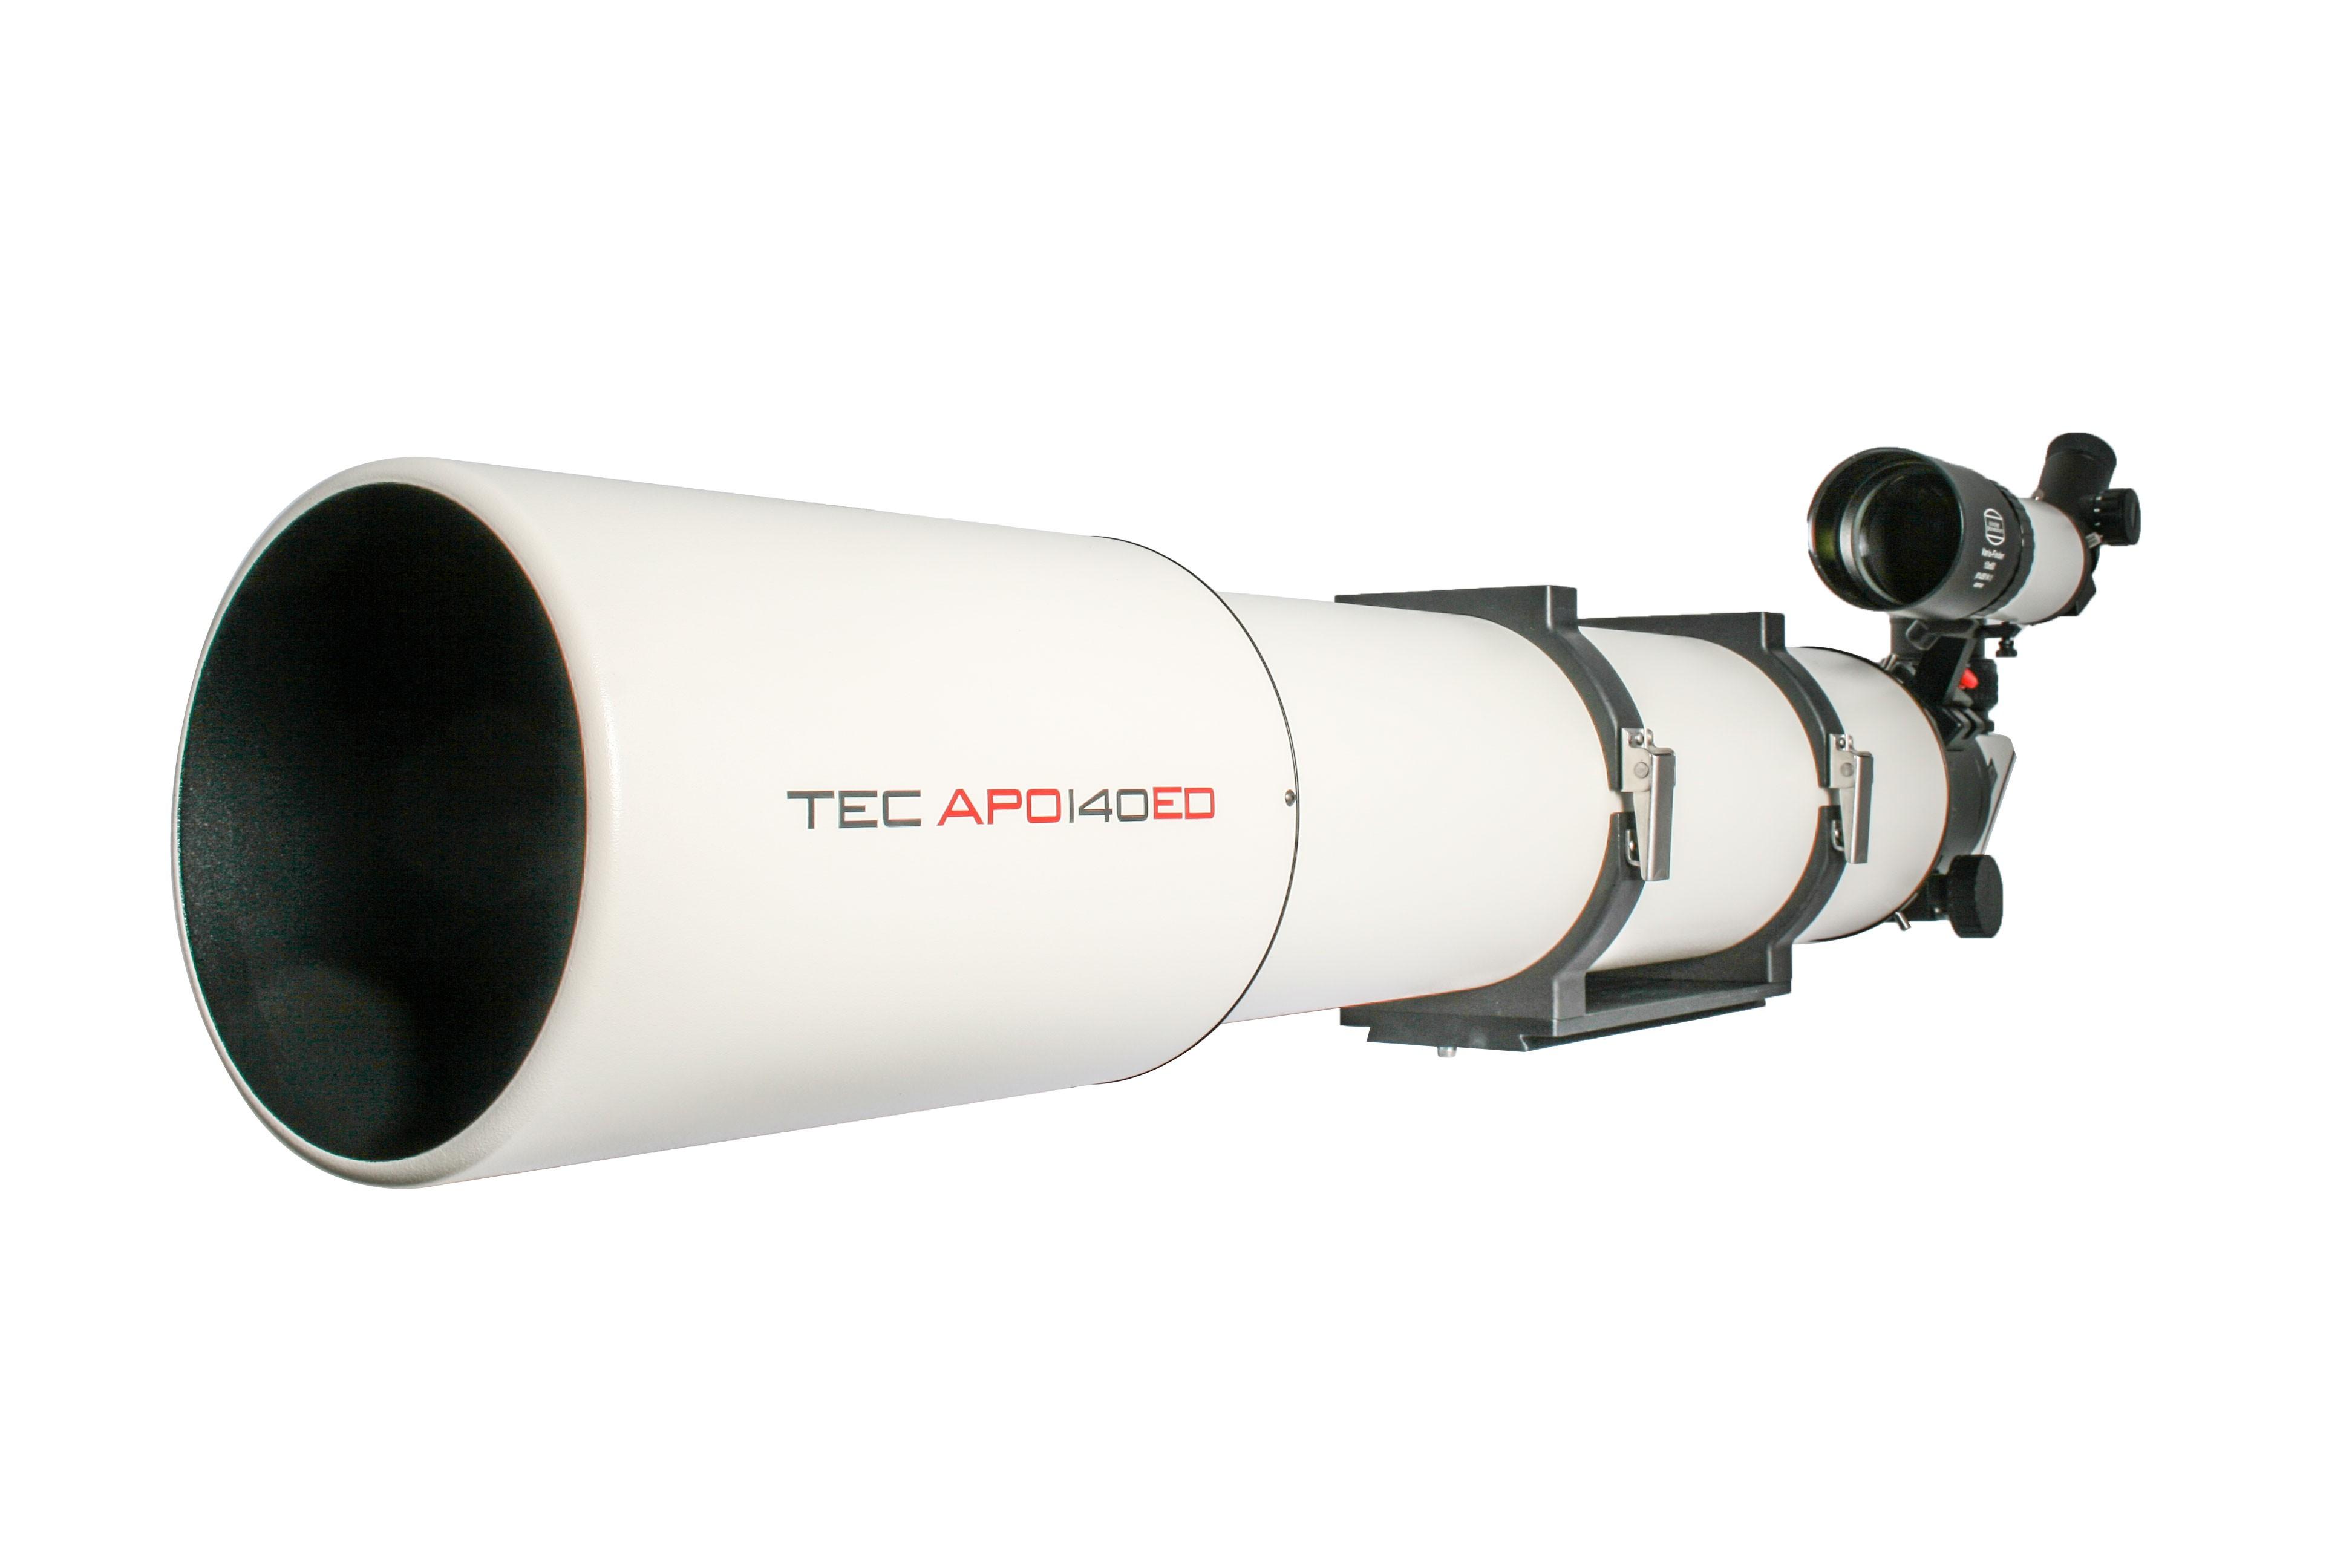 APO 140 f/7 Triplet Apochromat